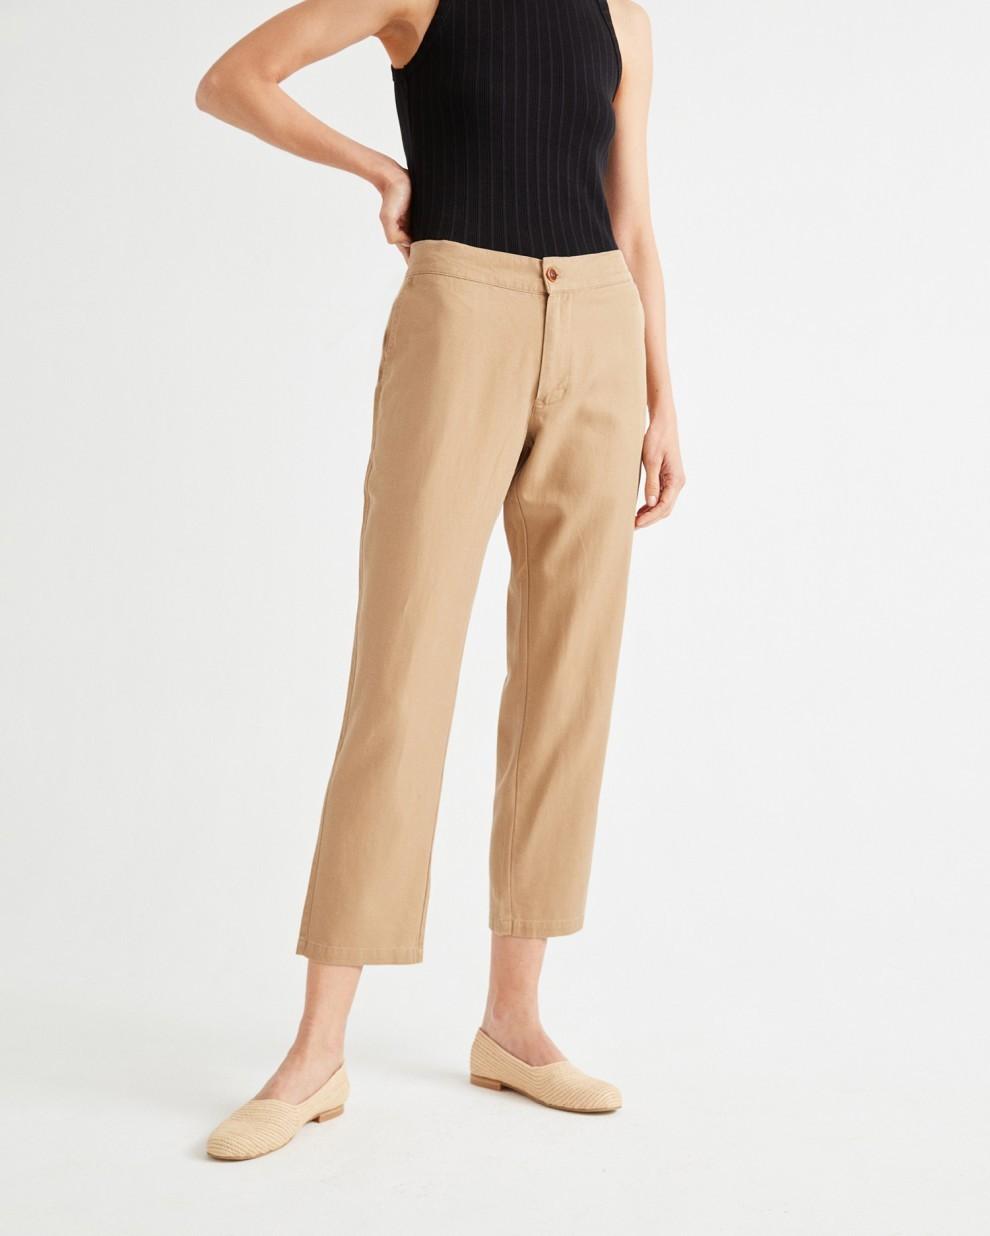 CAMEL HEMP DAPHNE PANTS